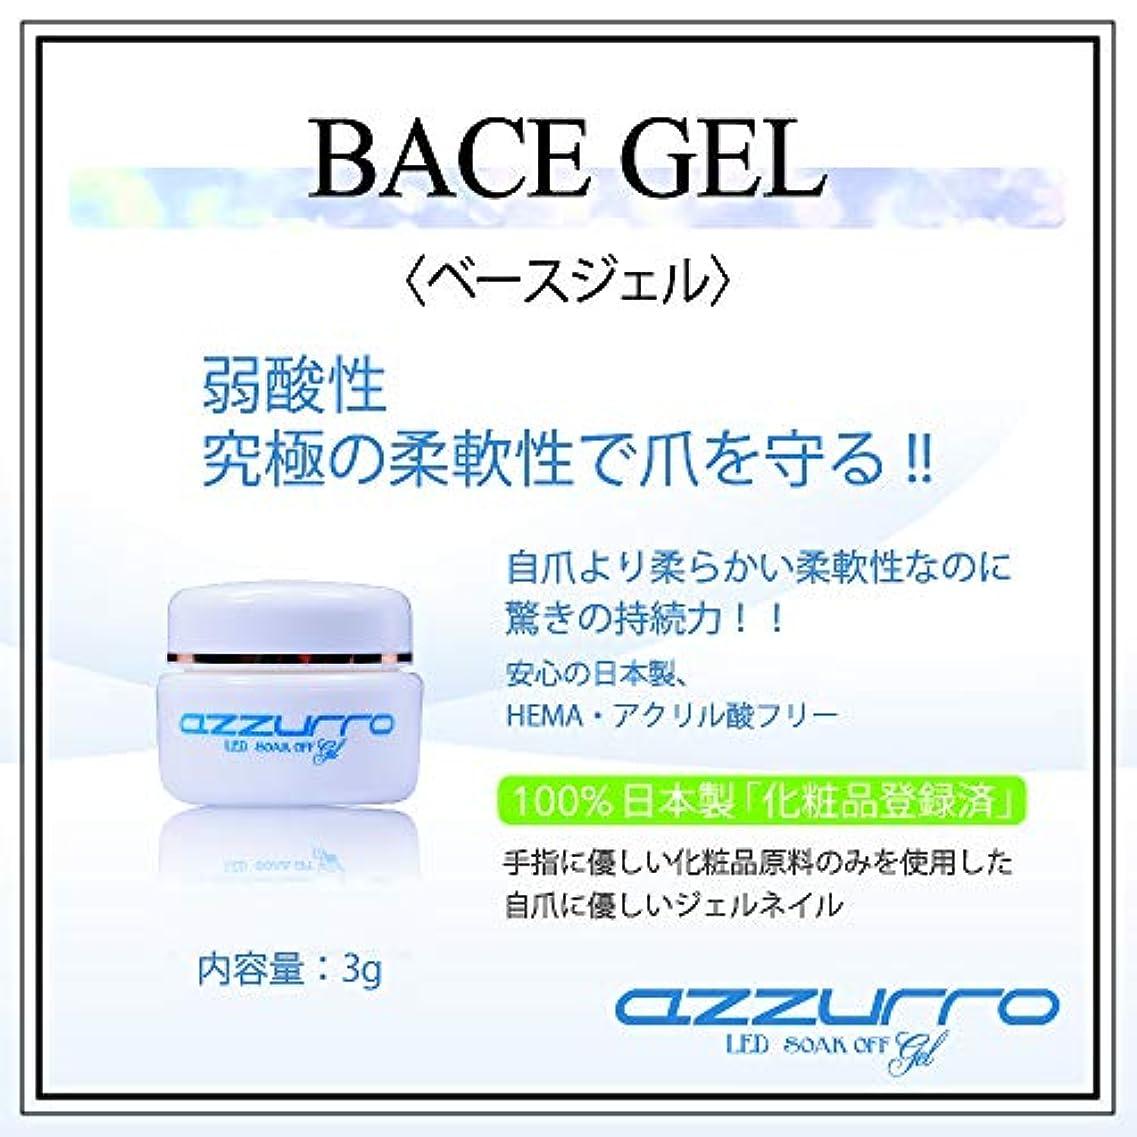 スタッフレイアリスキーなazzurro gel アッズーロ ベースジェル 日本製 驚きの密着力 リムーバーでオフも簡単3g